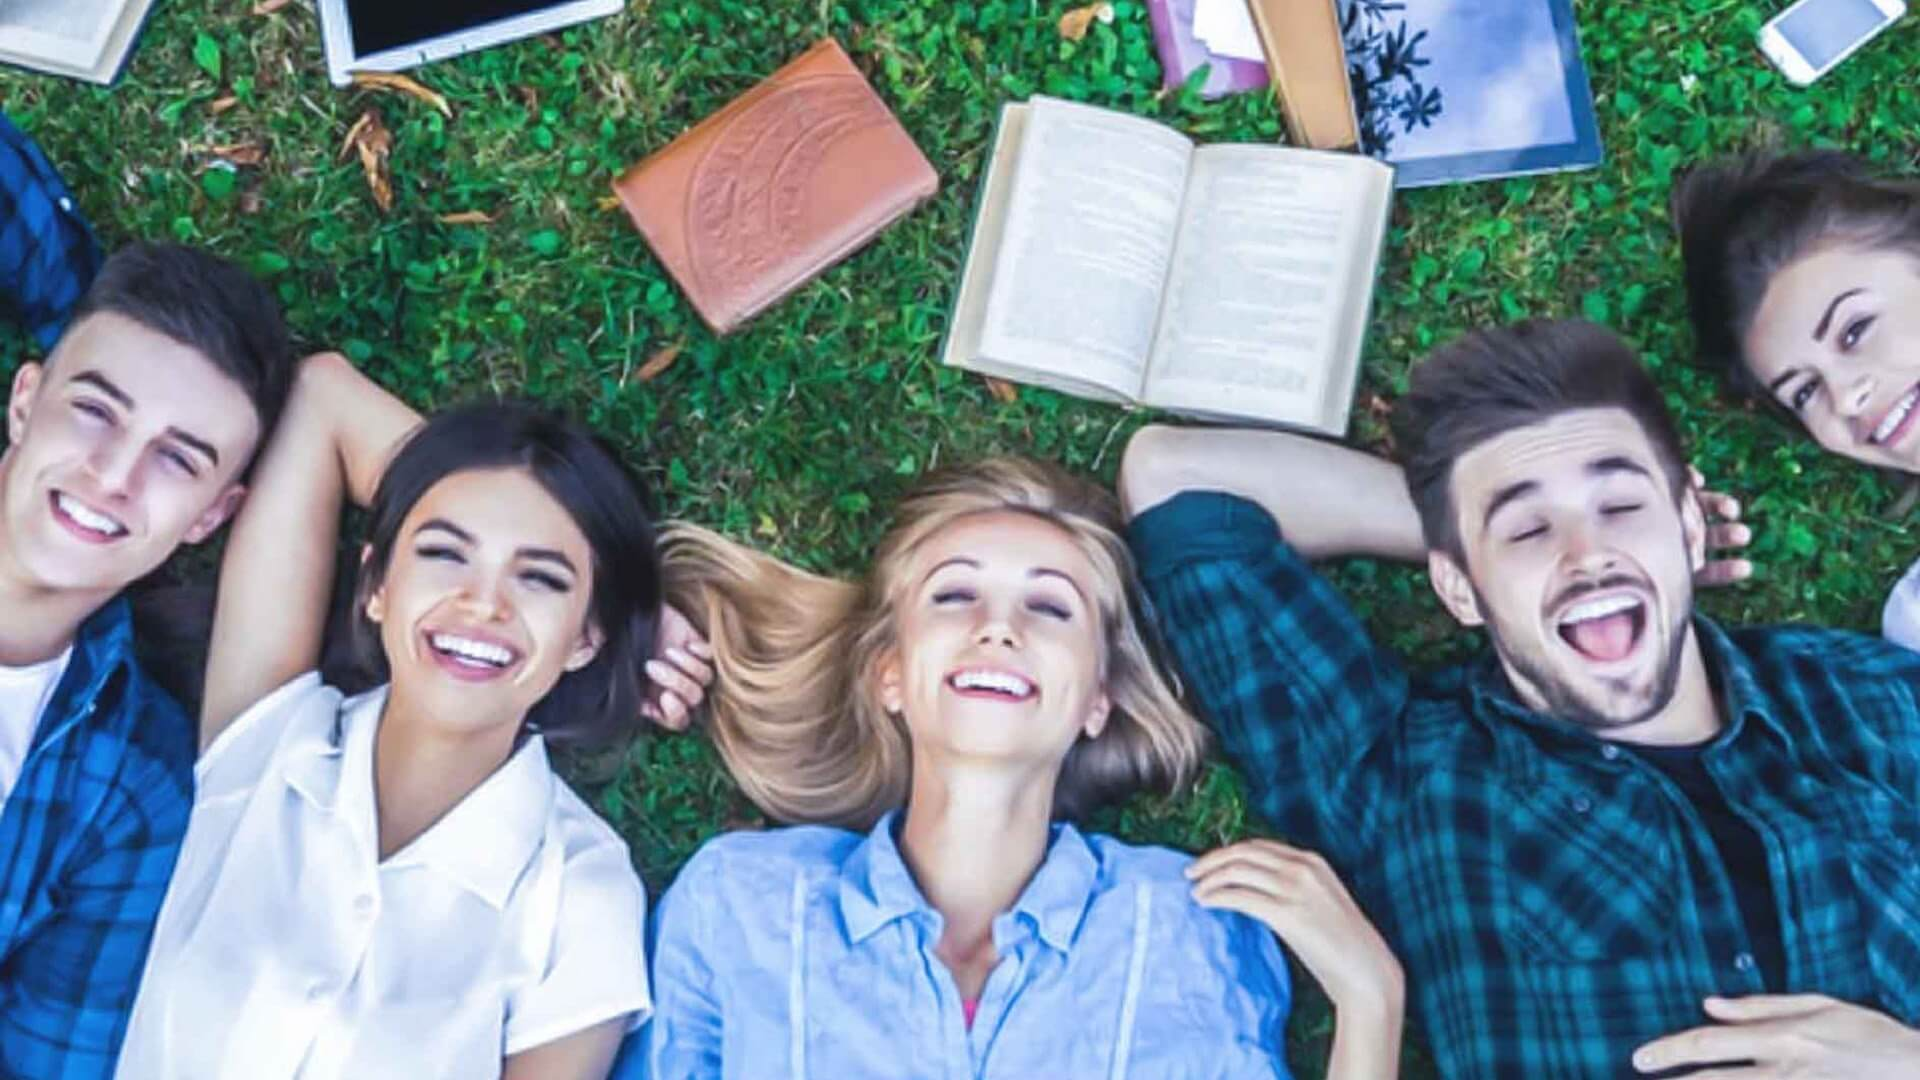 Nonostante i numeri esigui, Erasmus è un progetto importante per una nuova generazione di italiani